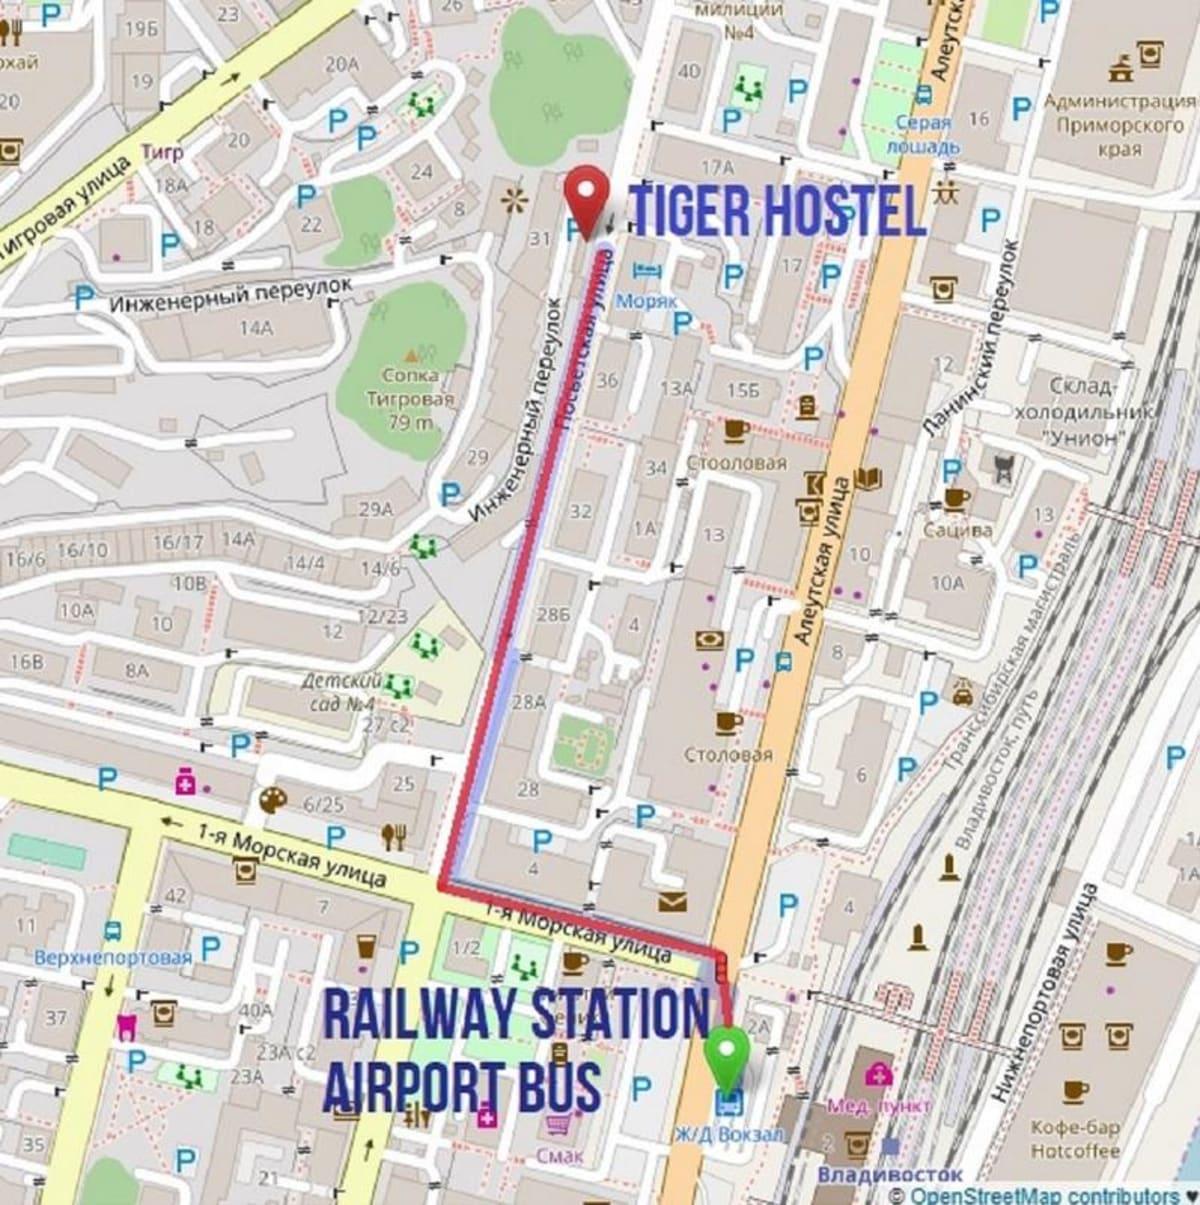 Tiger Hostel, Vladivostok, Russia hostel